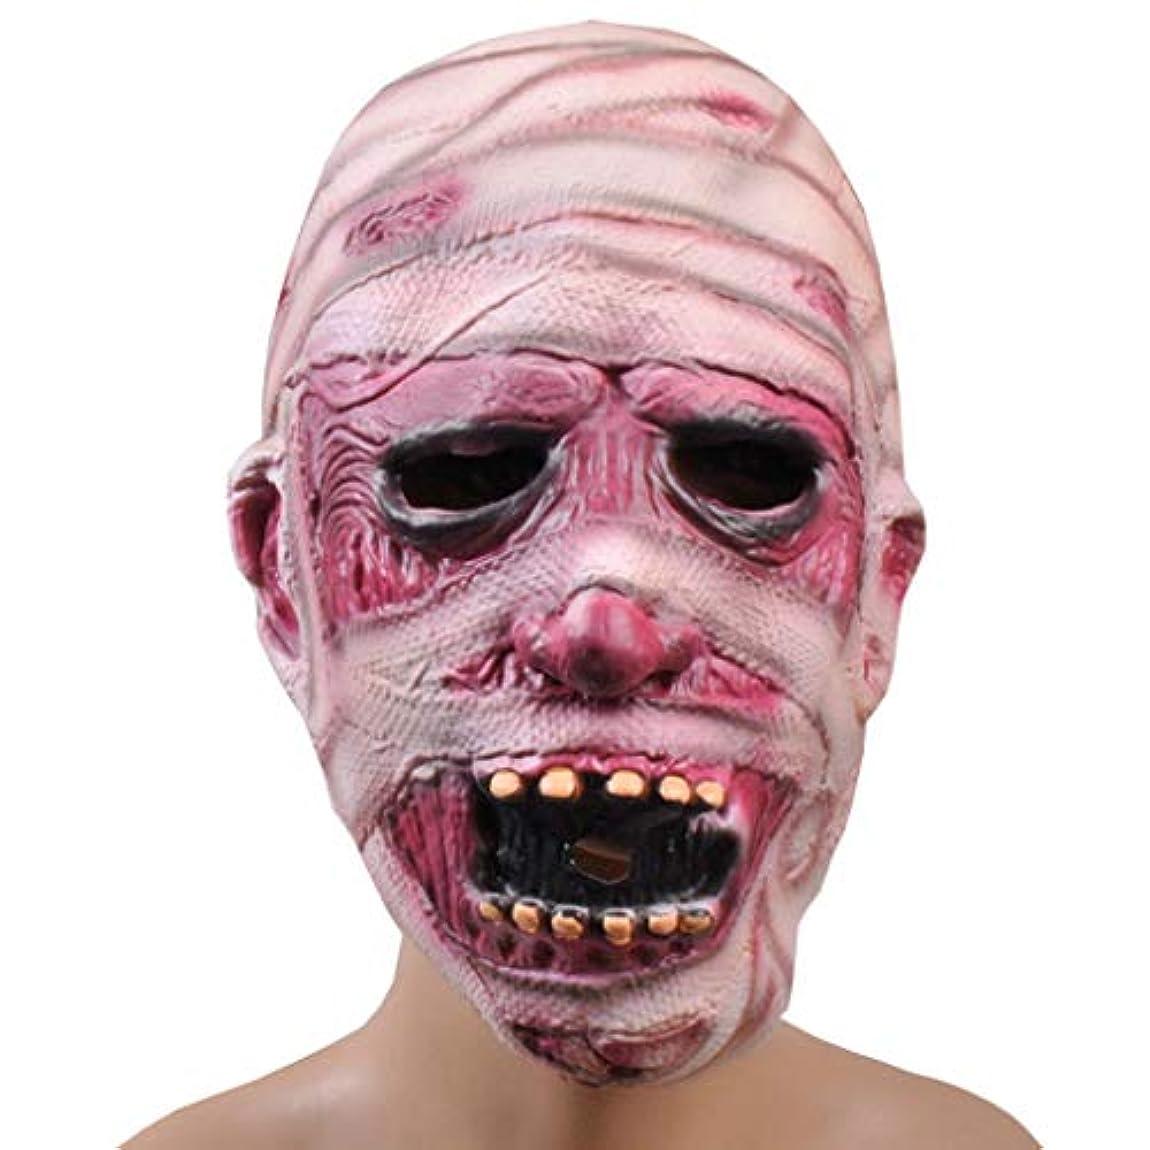 問い合わせブラウンバイオレットハロウィンホラーしかめっ面マスクゴーストフェスティバルラテックスマスクホラー怖いマスクゴーストゾンビミイラマスク (Color : A)